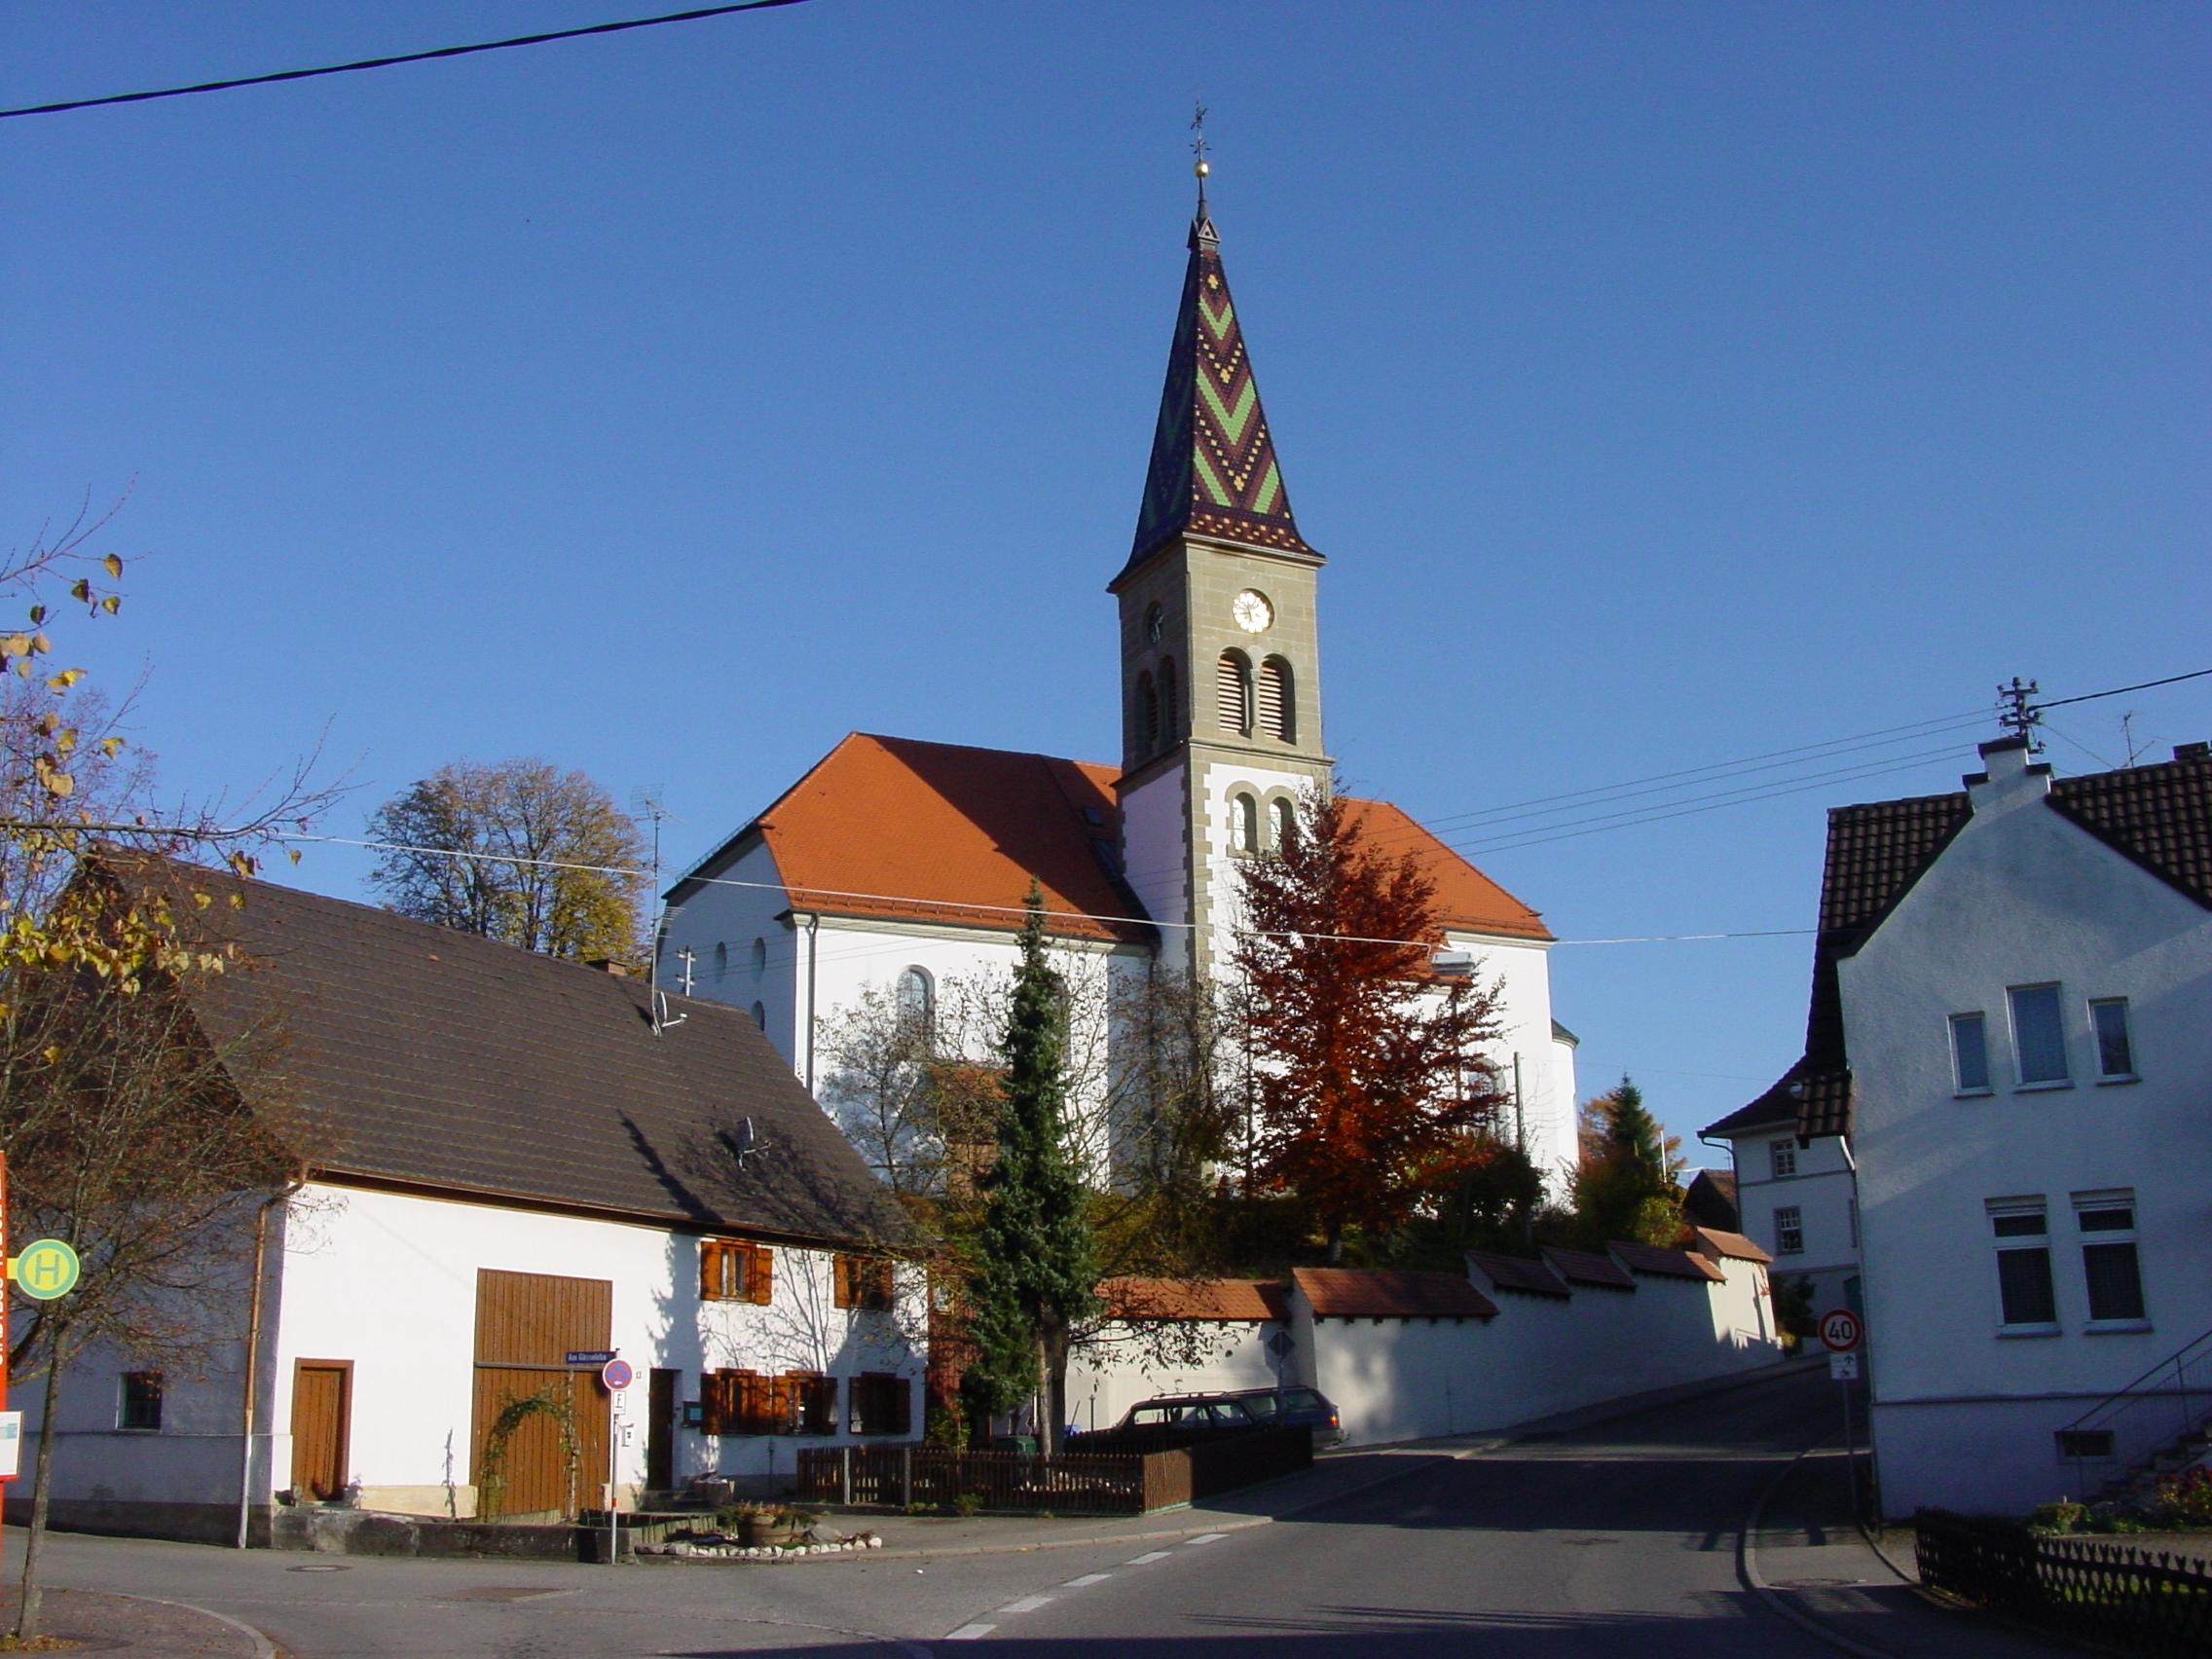 St. Georg-Kirche Liggeringen